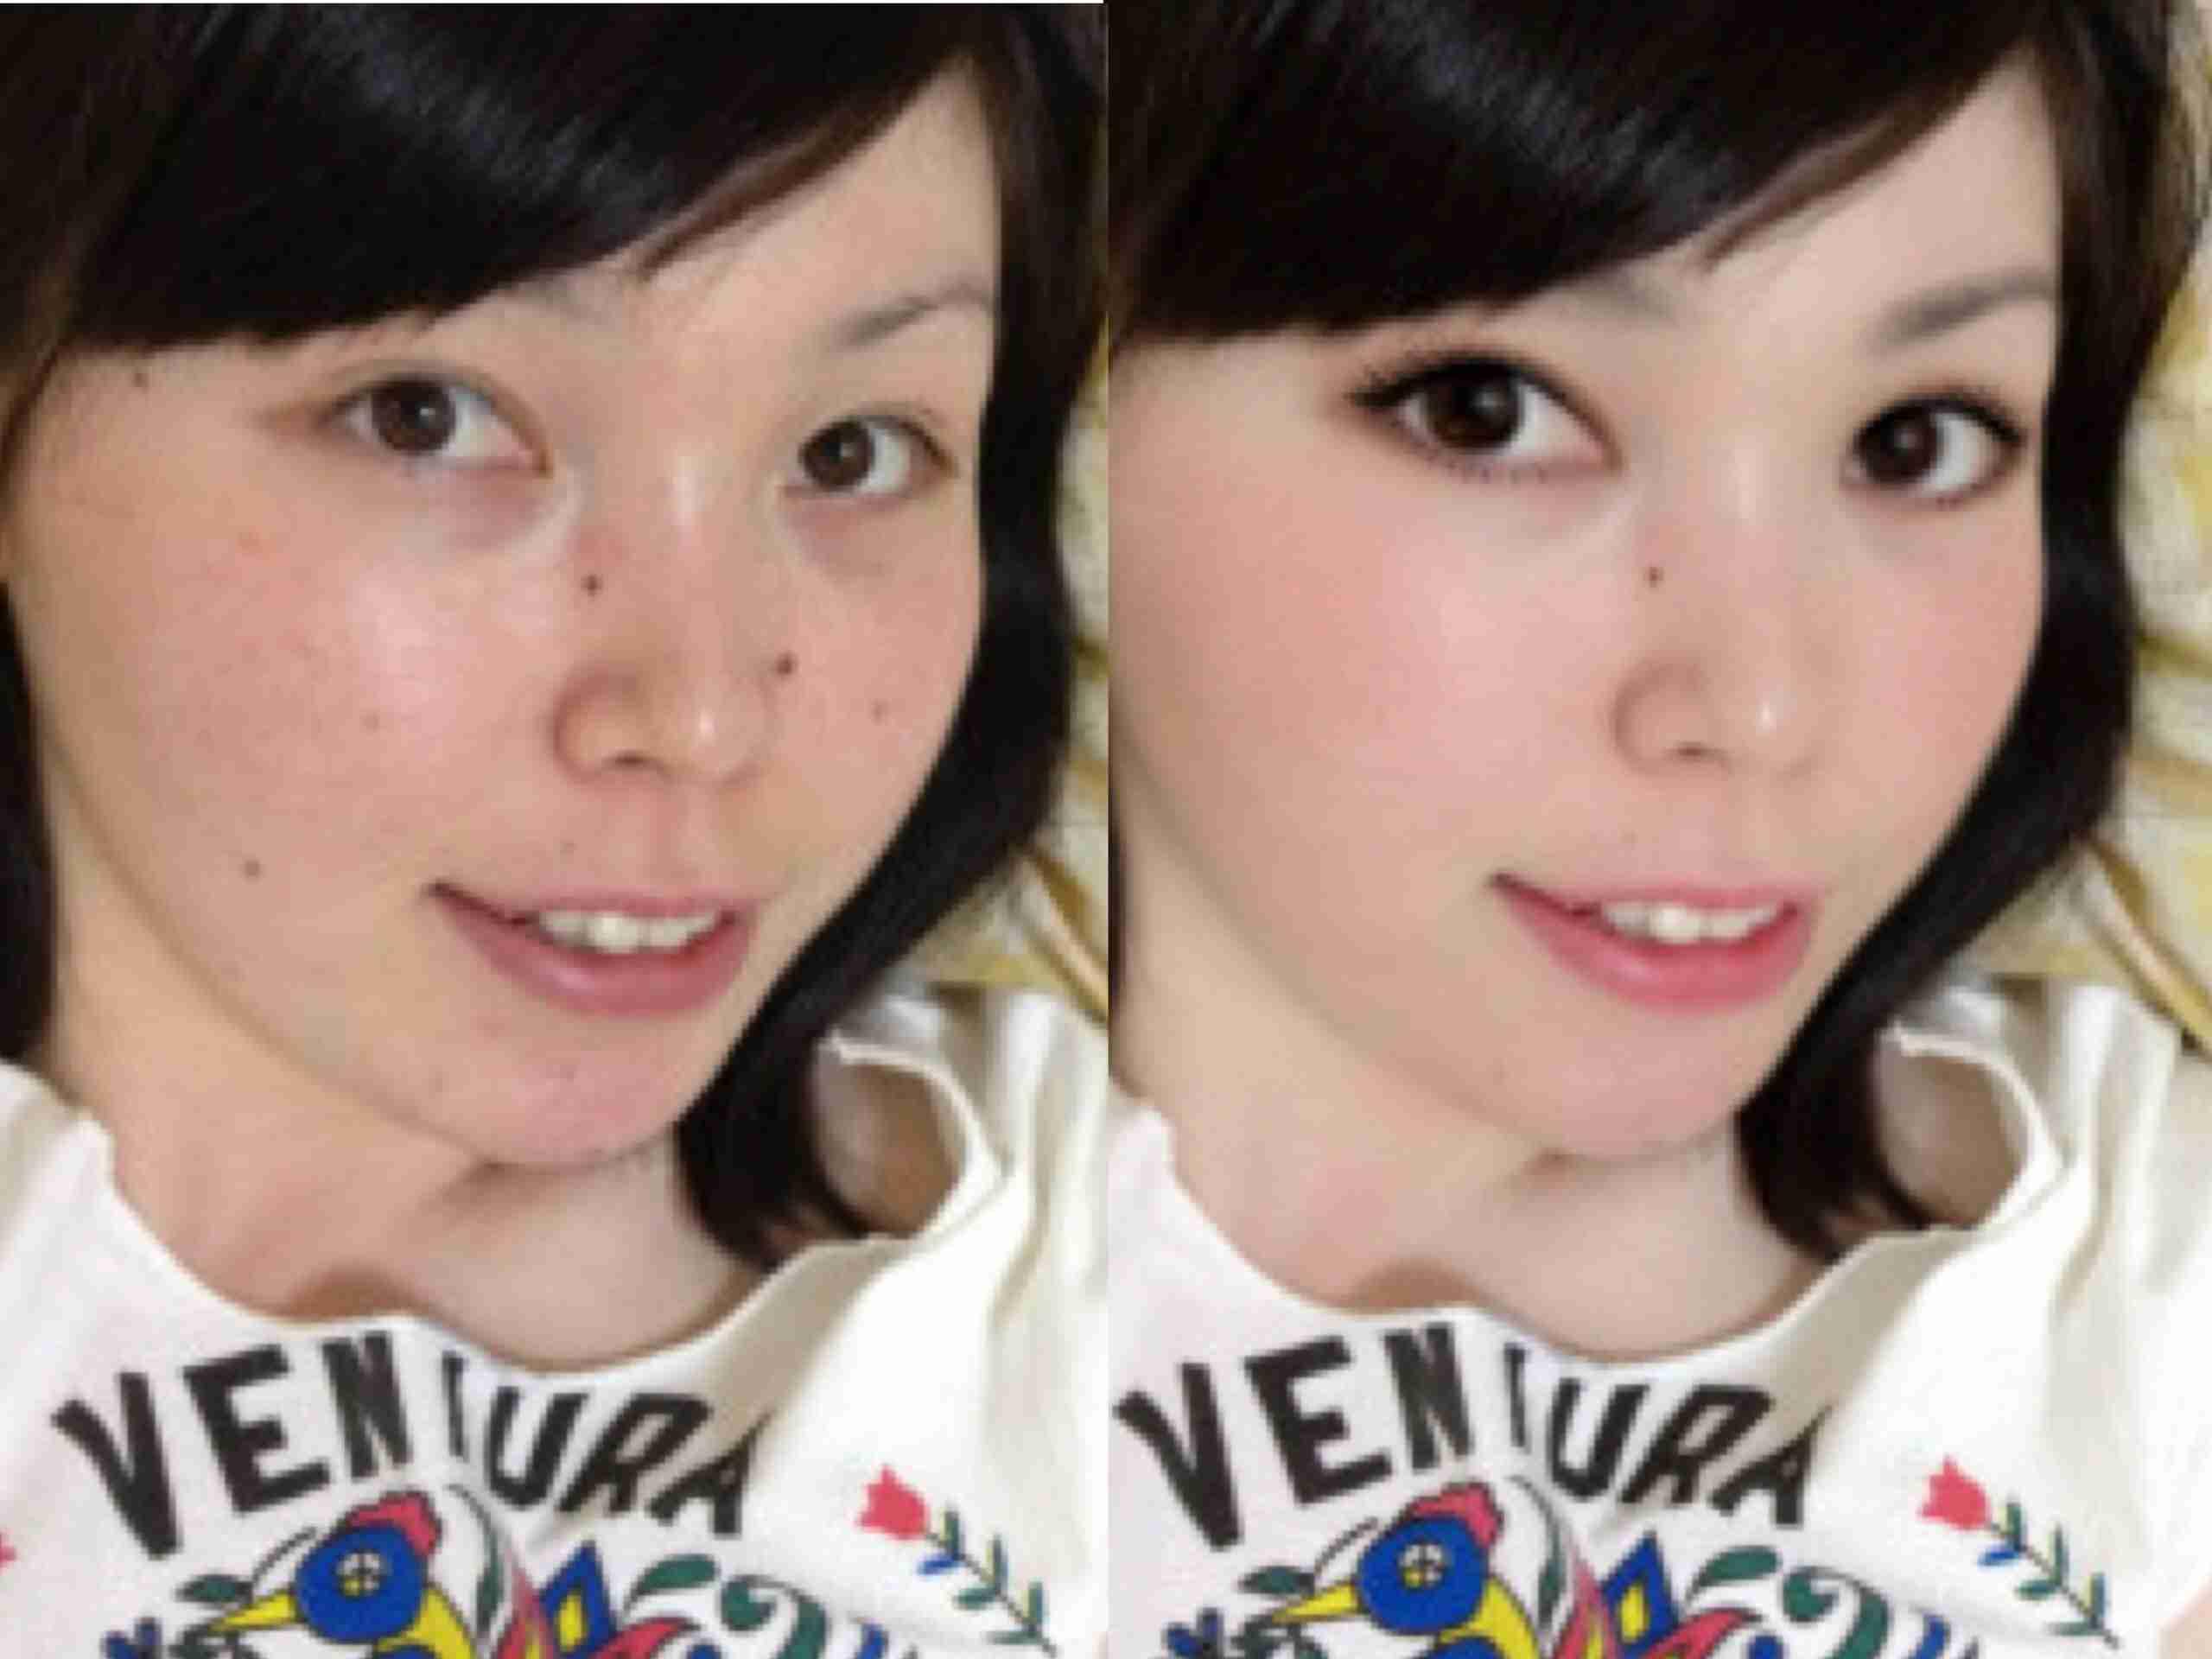 尼神インター・誠子「1億円でも顔の整形は嫌」「この顔好き」